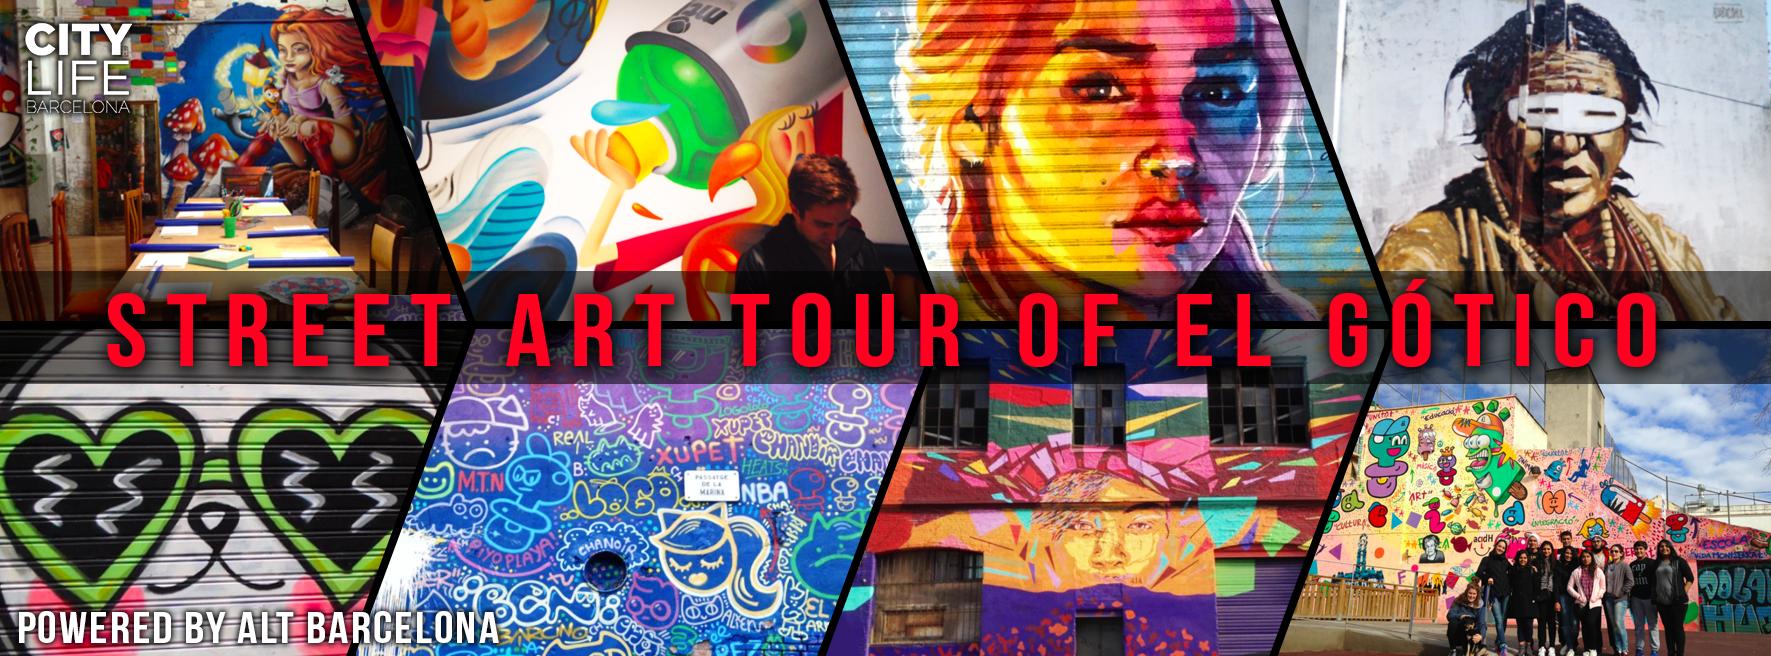 MEET & EXPLORE - Street Art Tour of El Gòtico!